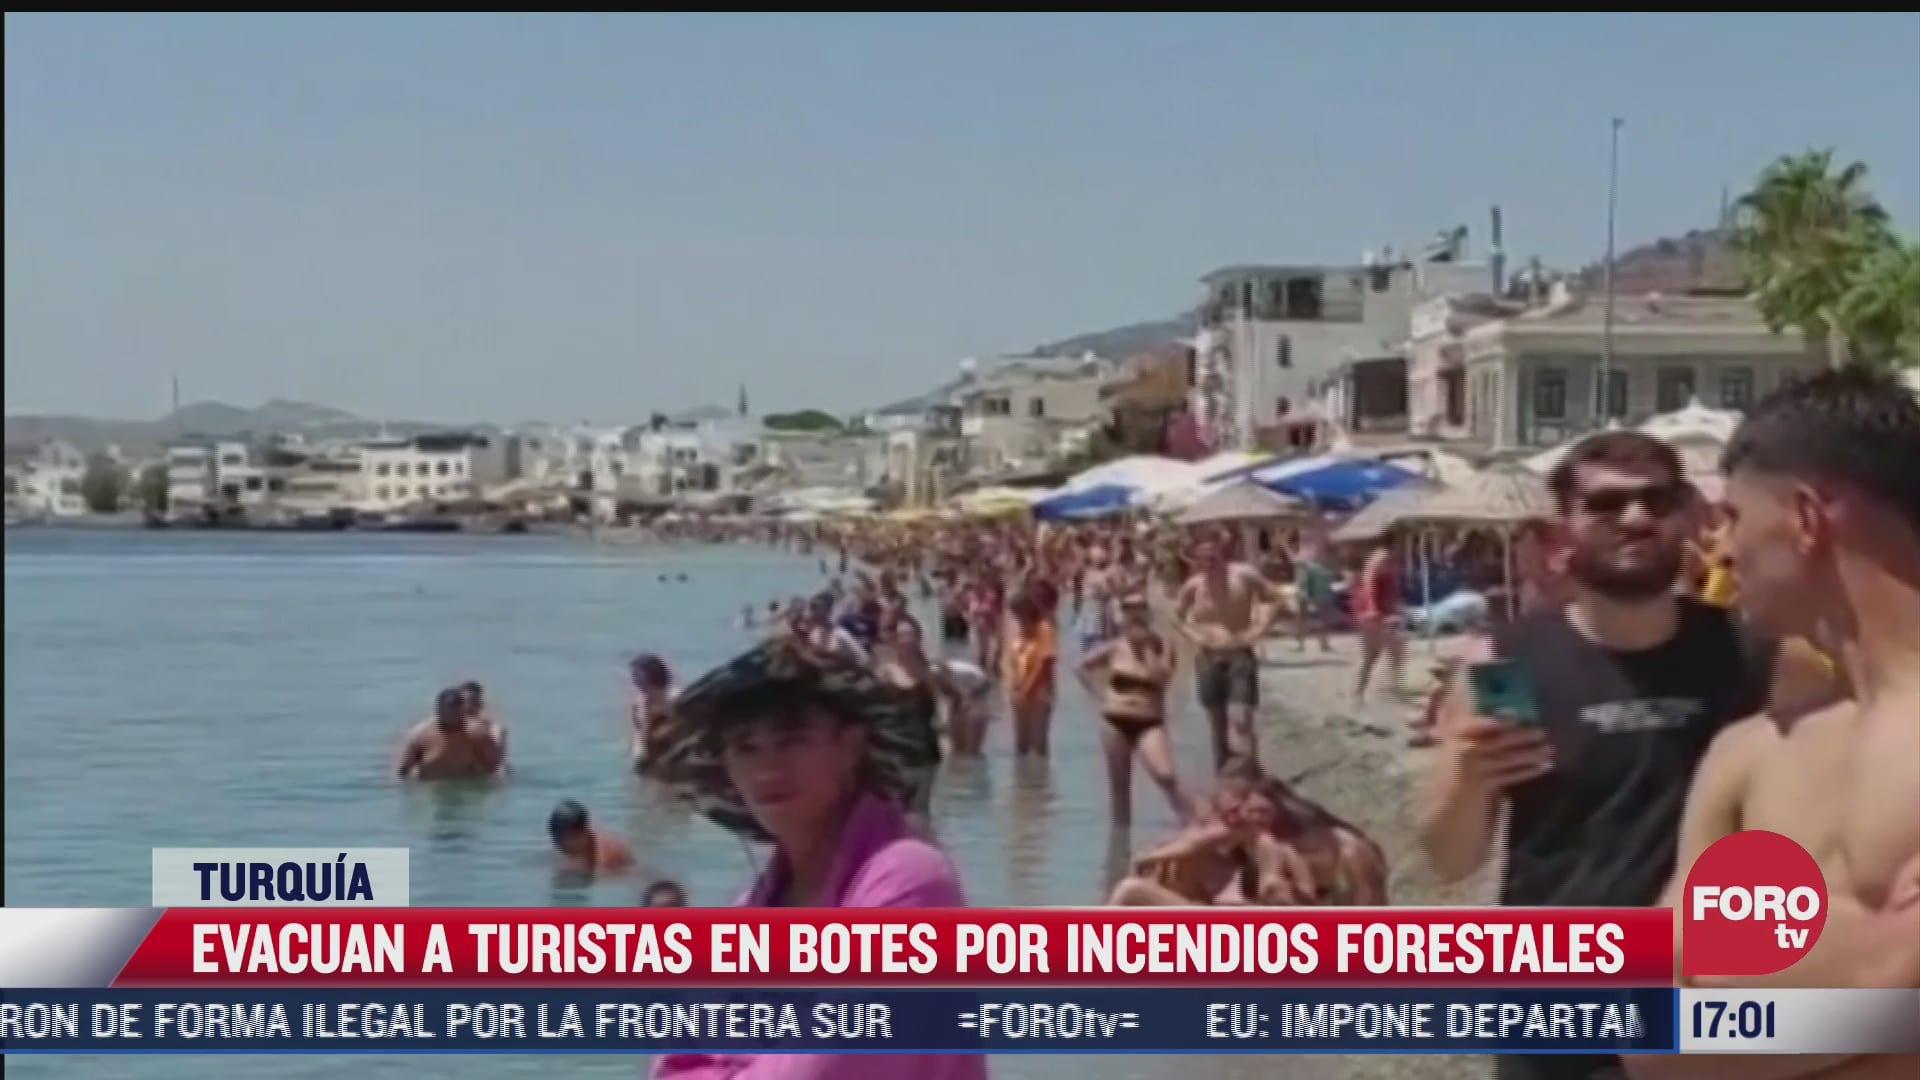 evacuan a turistas en botes por incendios forestales en turquia